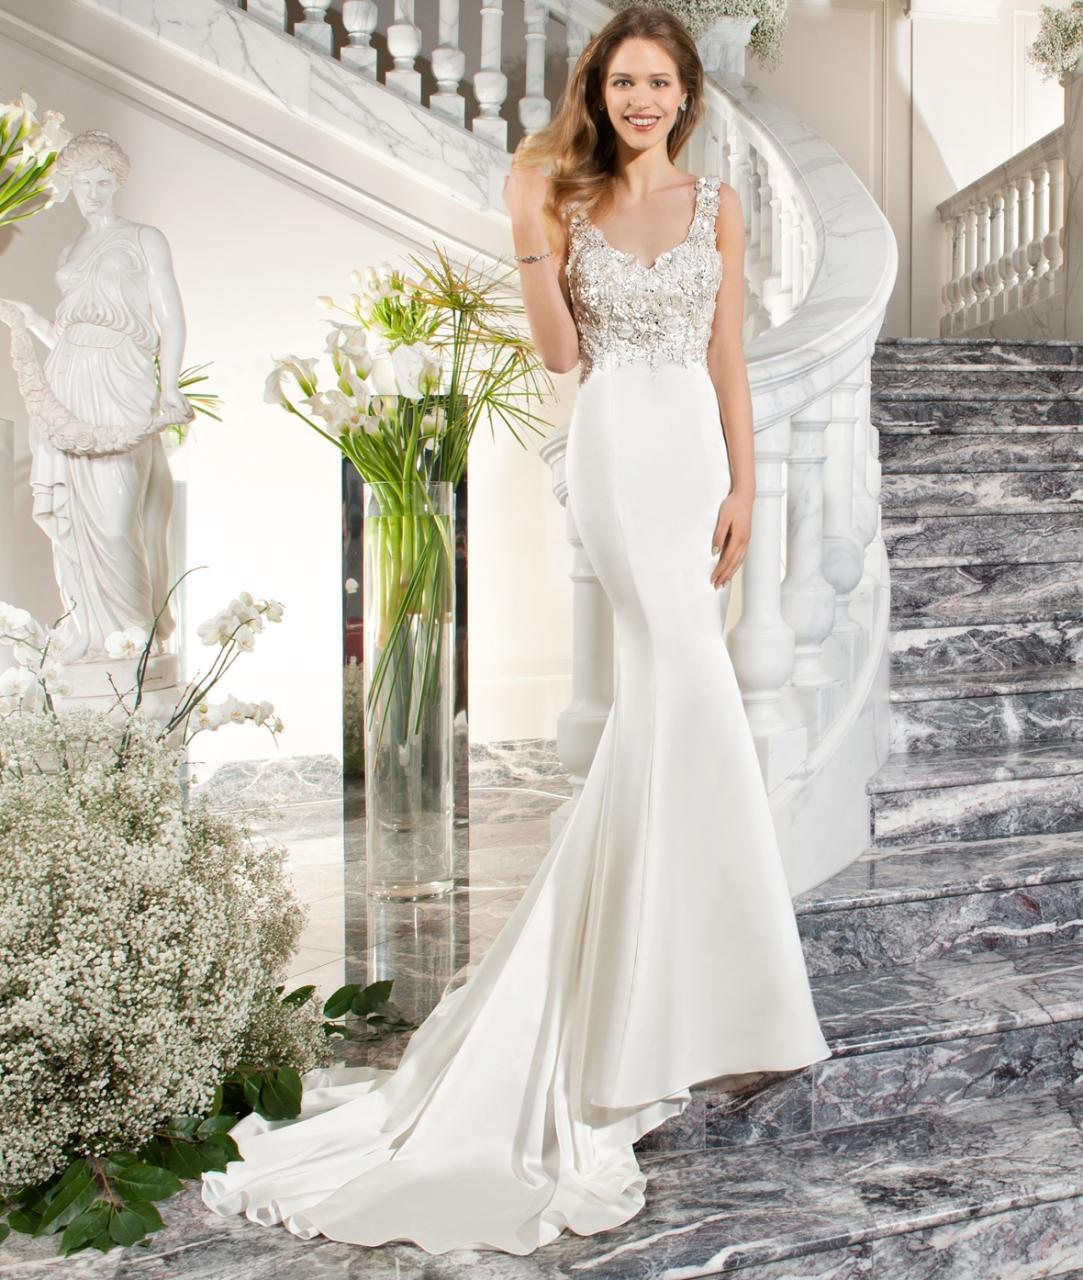 صور فساتين زفاف ديمتريوس 2019